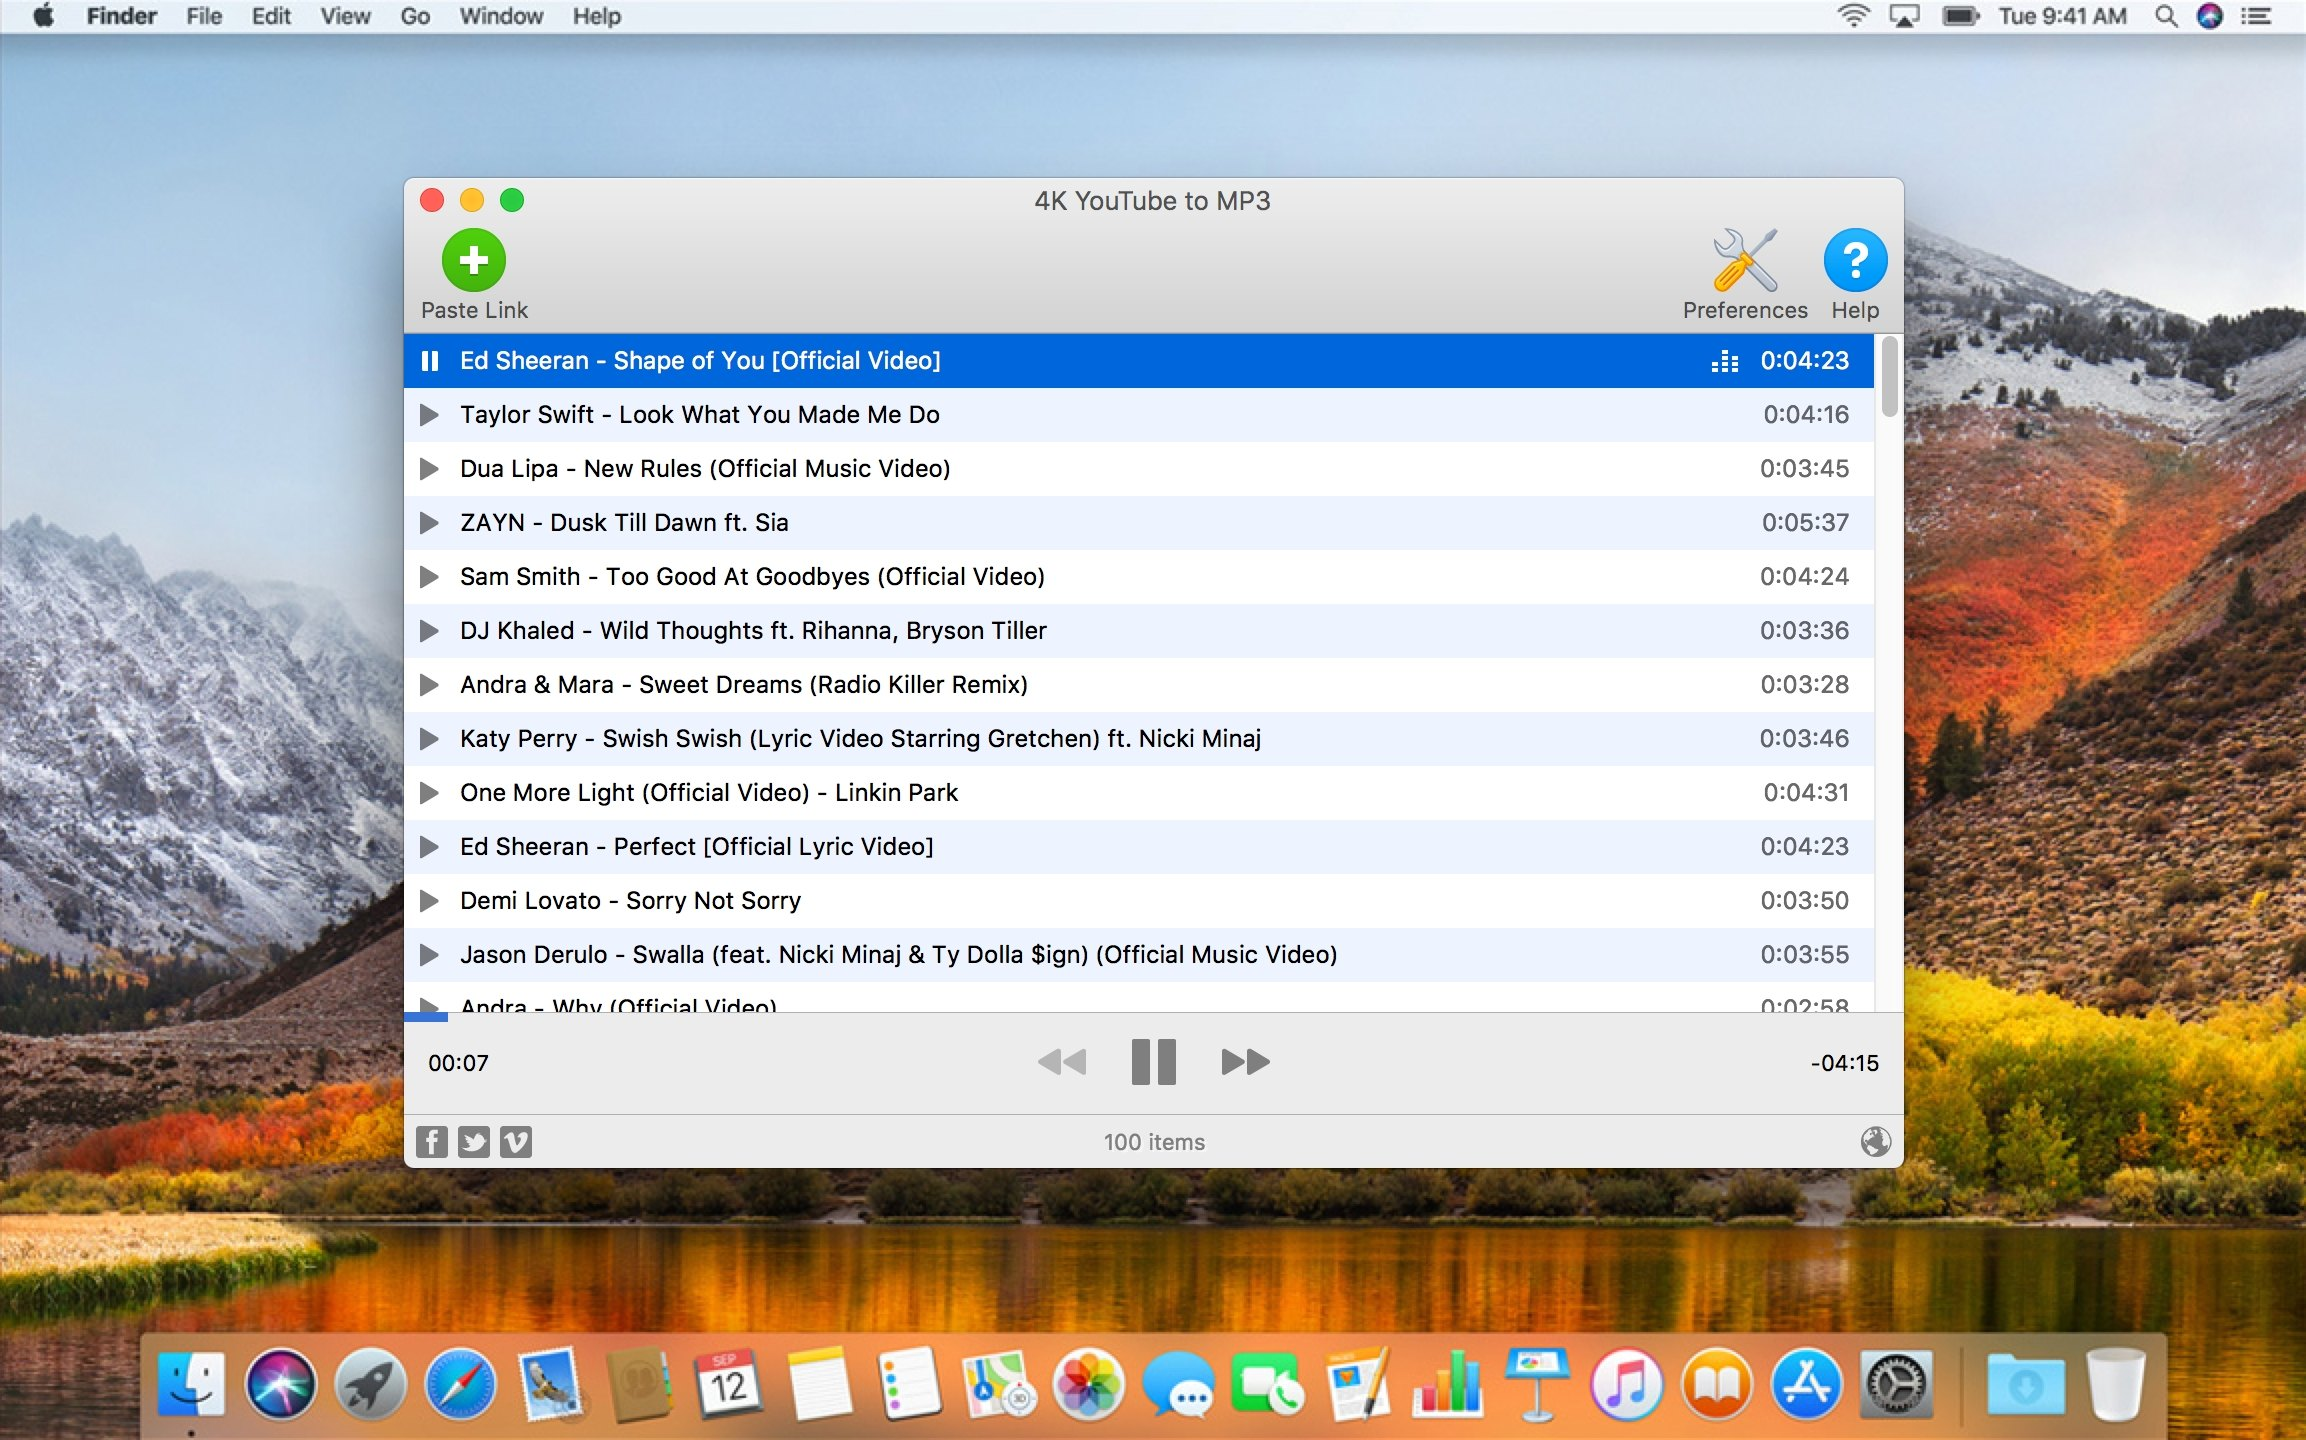 4K YouTube to MP3 Mac 破解版 在线音乐下载器-麦氪派